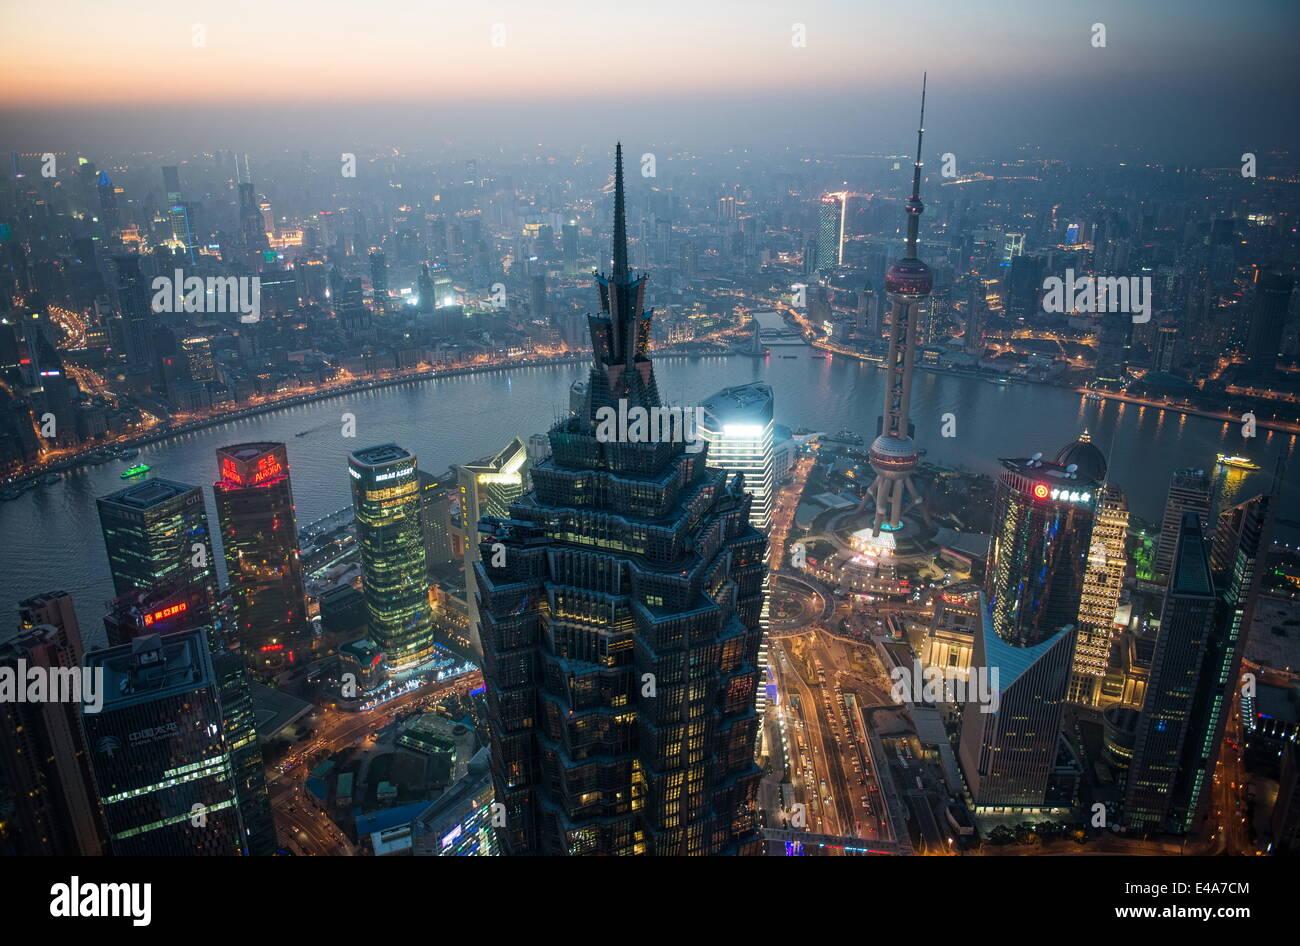 Avec Shanghai Pudong tour Jin Mao, Oriental Pearl Tower, la rivière Huangpu et Puxi cityscape, Shanghai, Chine, Photo Stock